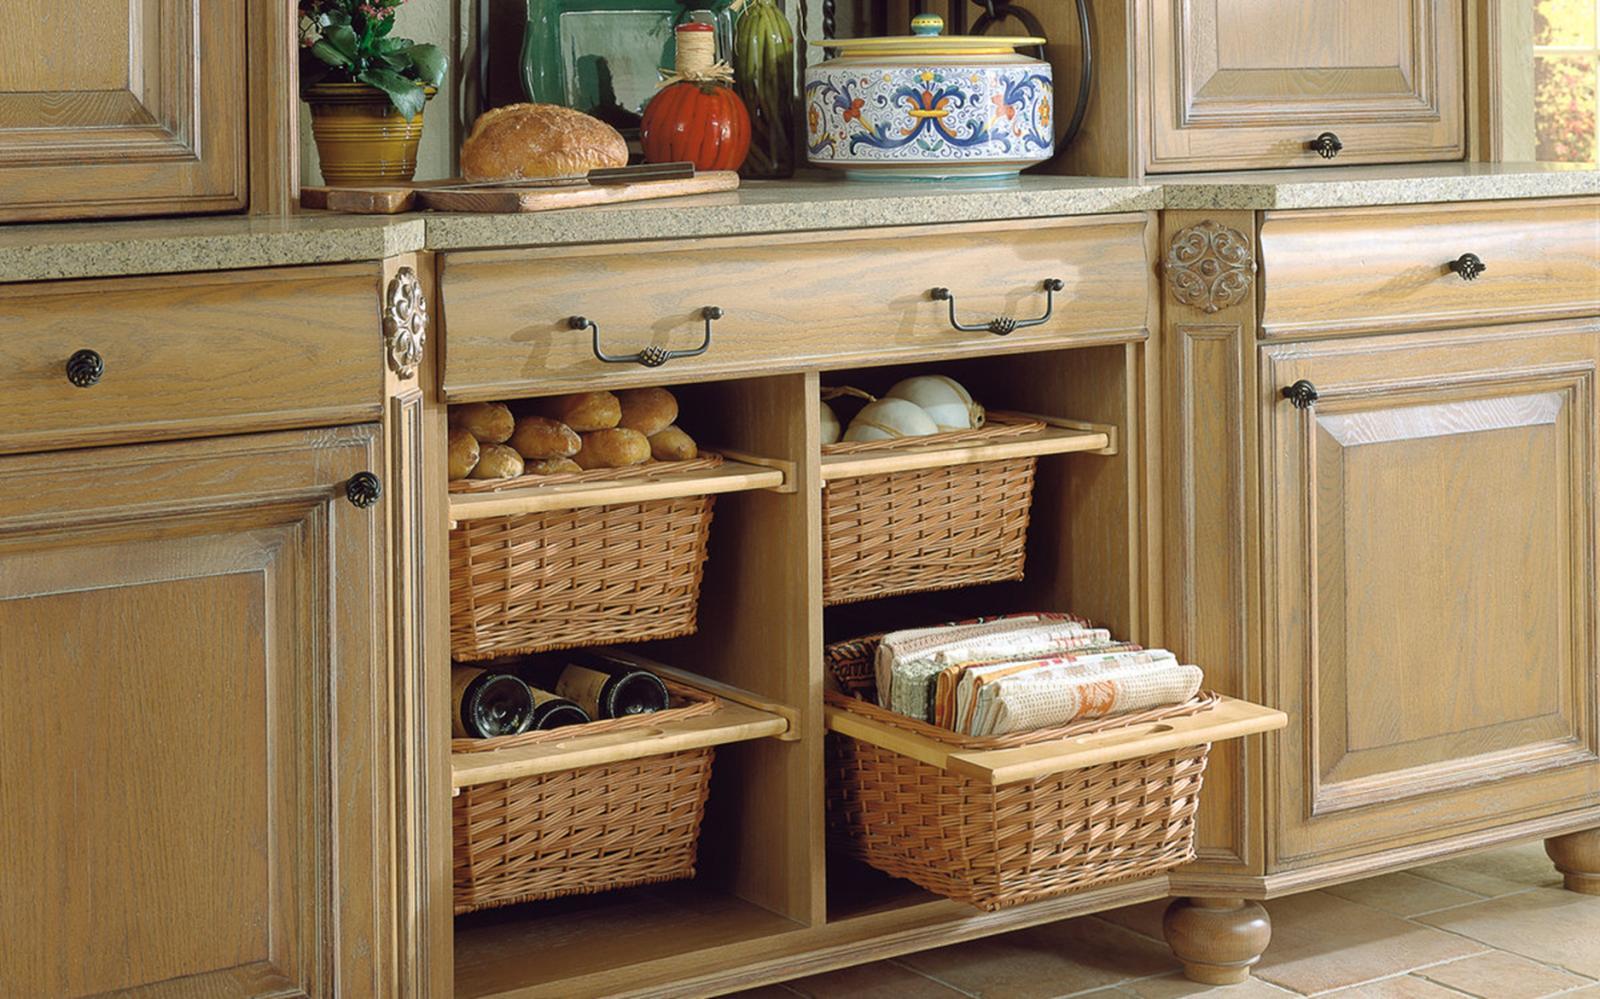 Плетеные корзины в кухонном интерьере